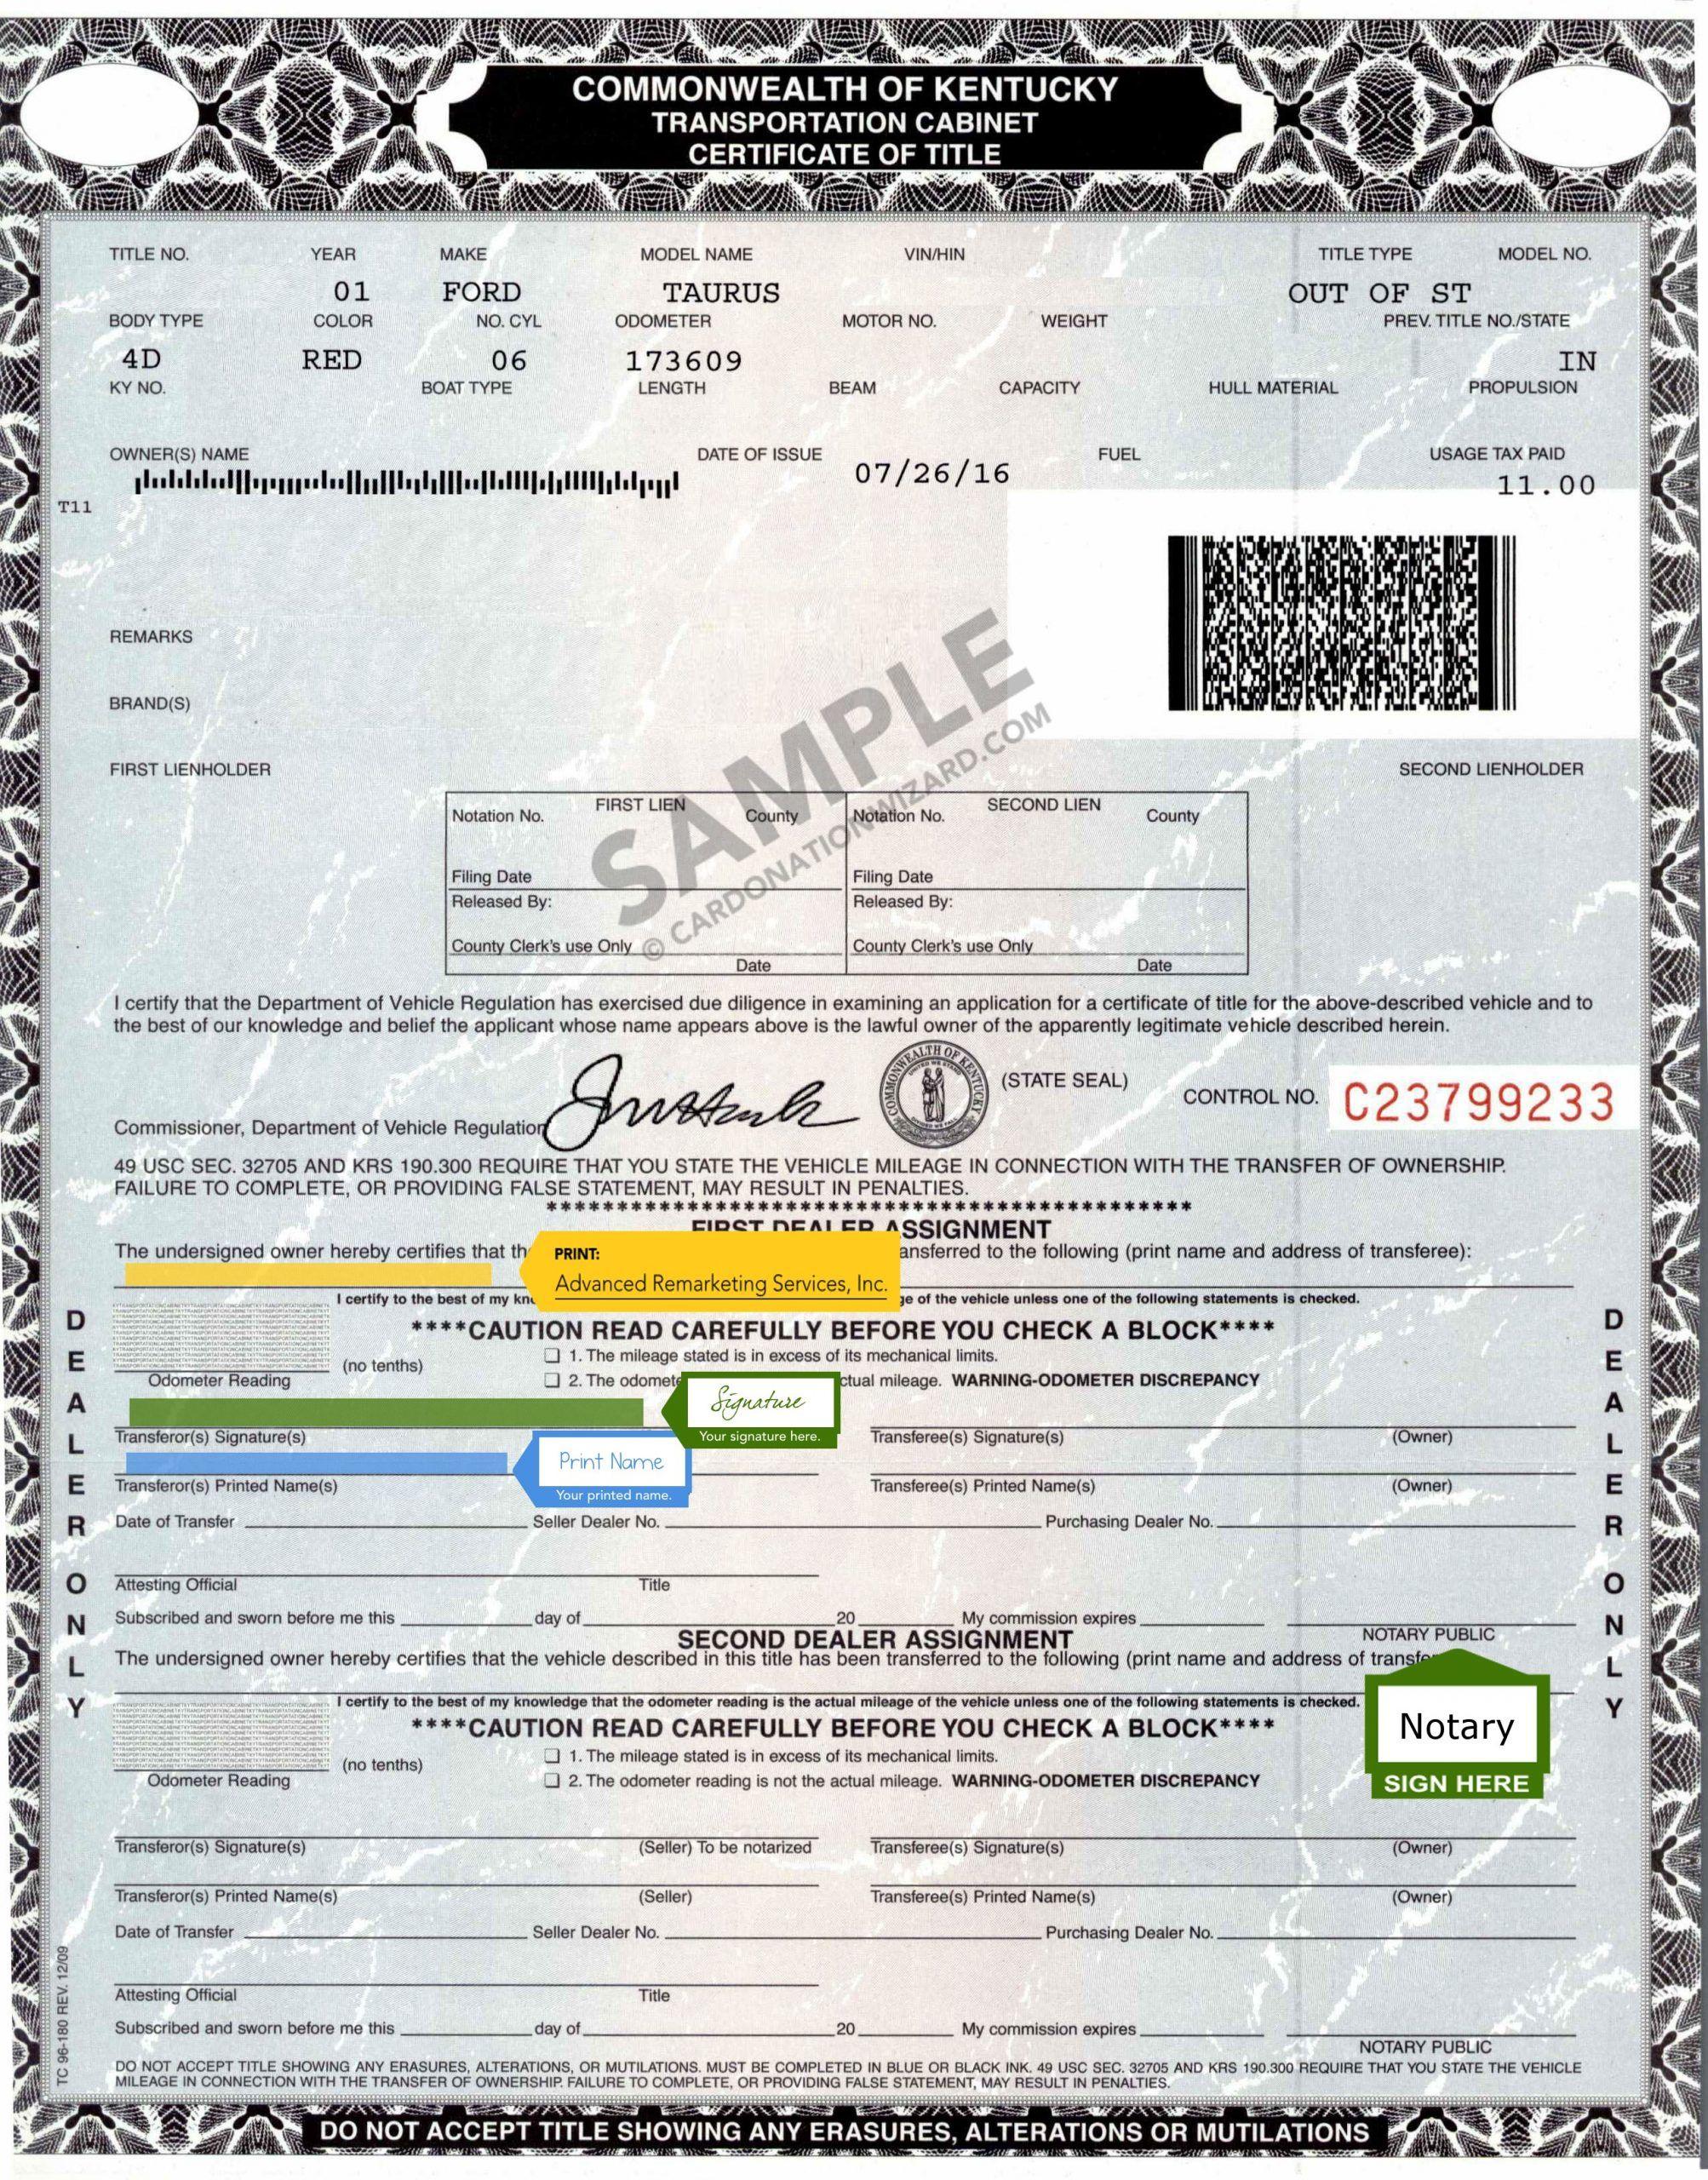 ce36b8f0aa0d3936d04e75abd7d9b268 - Application For Ky Certificate Of Title Registration